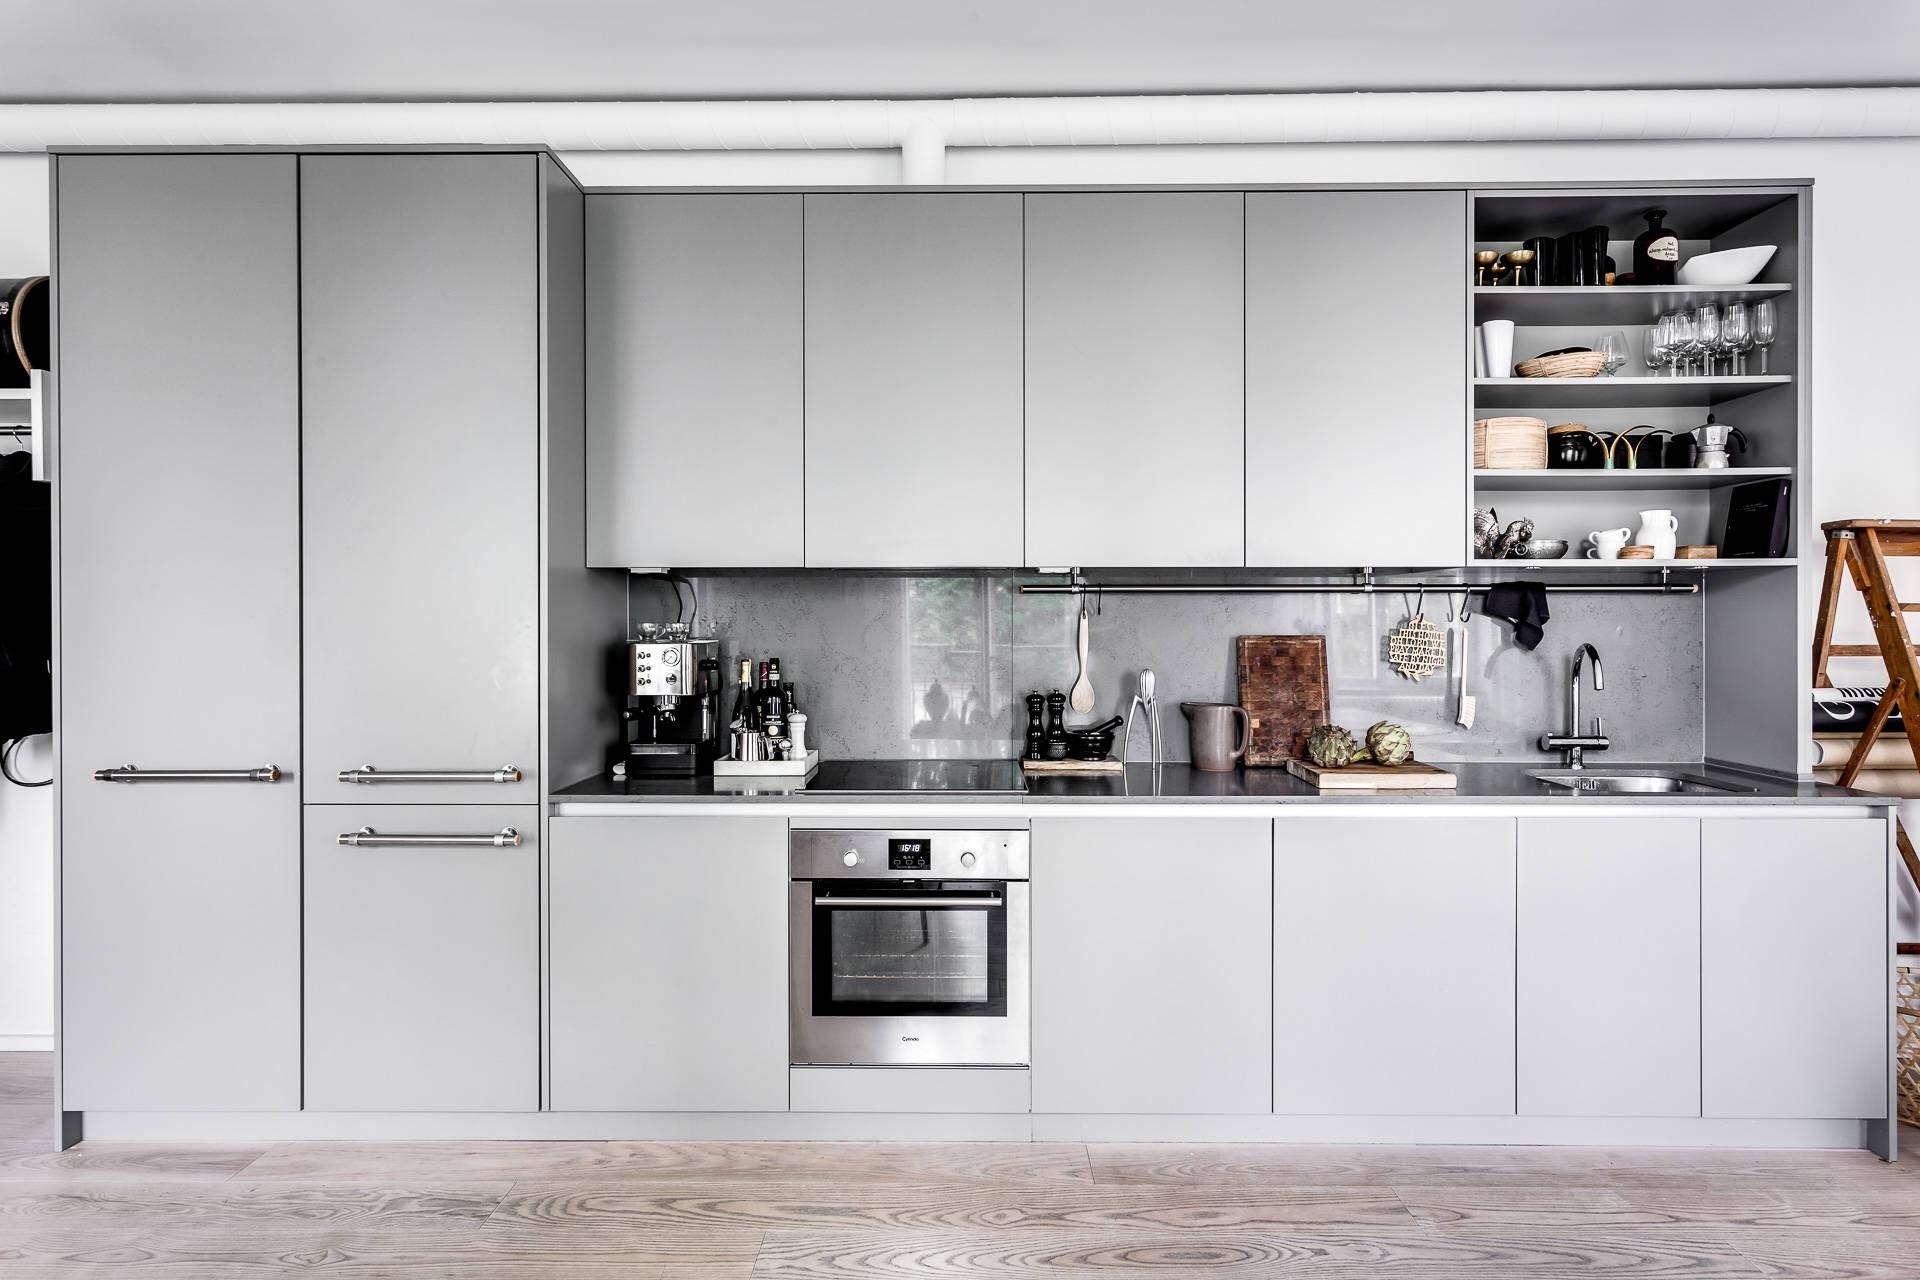 кухня серые фасады встроенный холодильник вытяжка варочная панель духовка